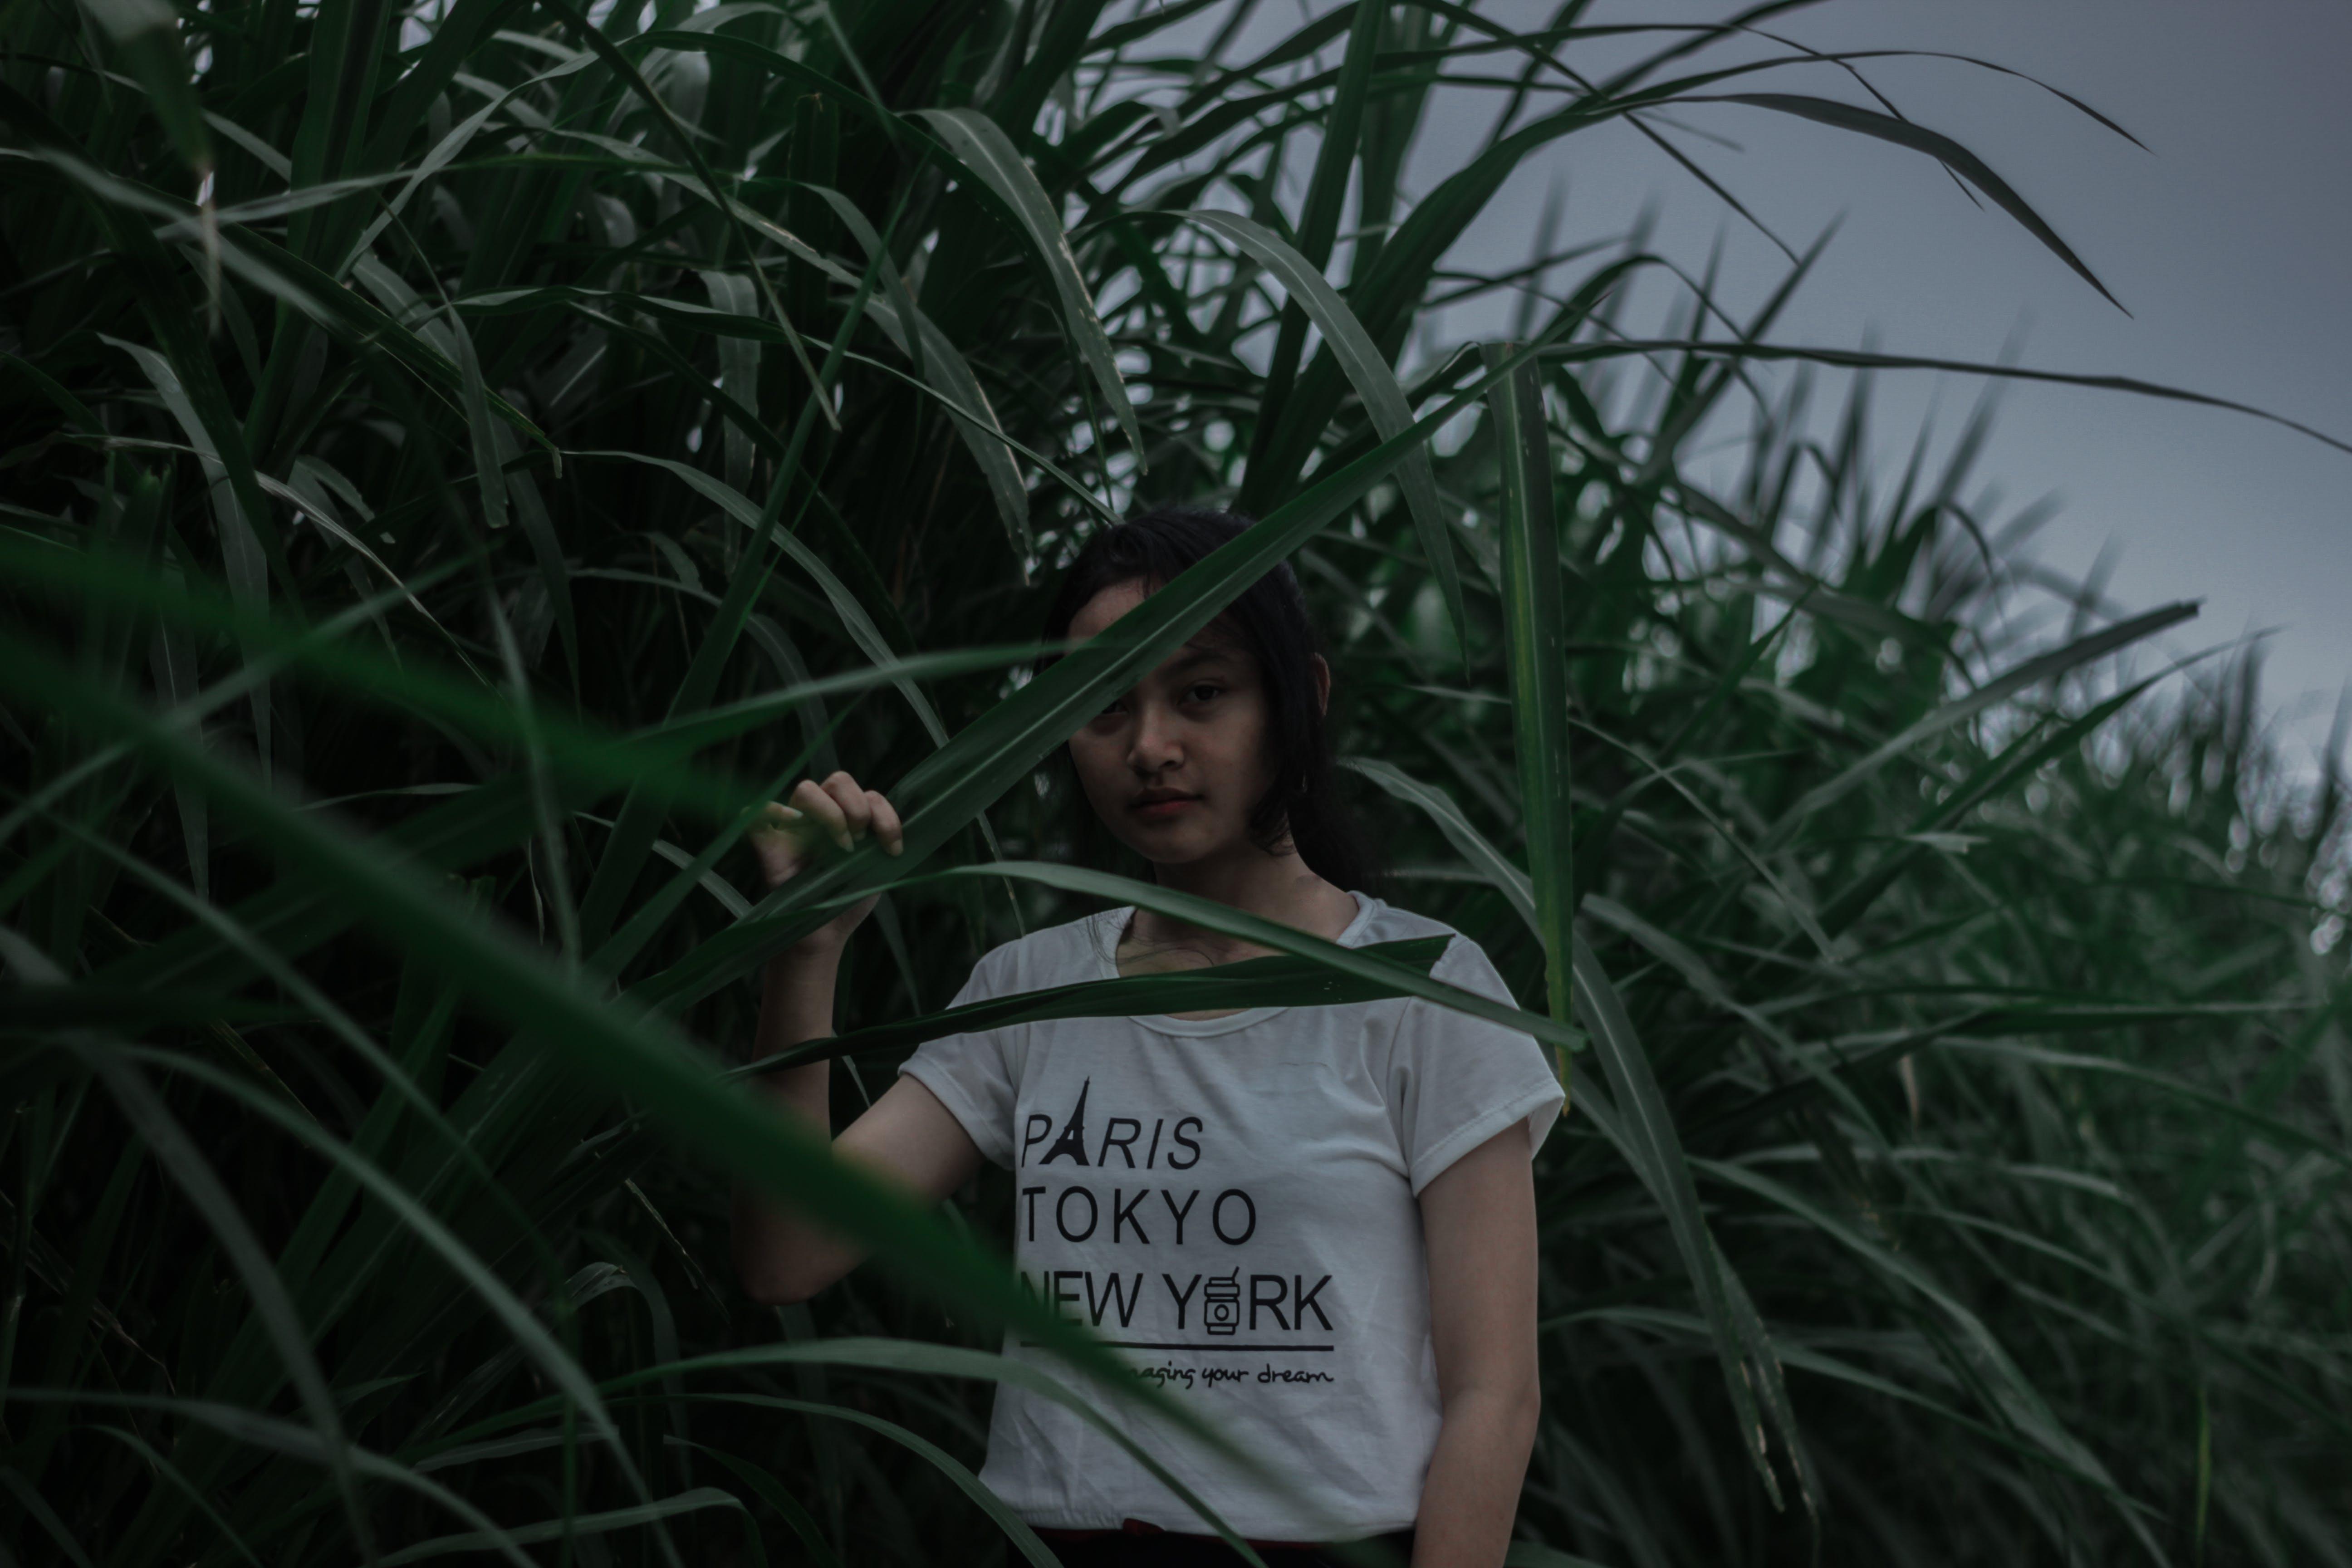 Kostenloses Stock Foto zu asiatische frau, asiatische frauen, asiatische person, attraktiv